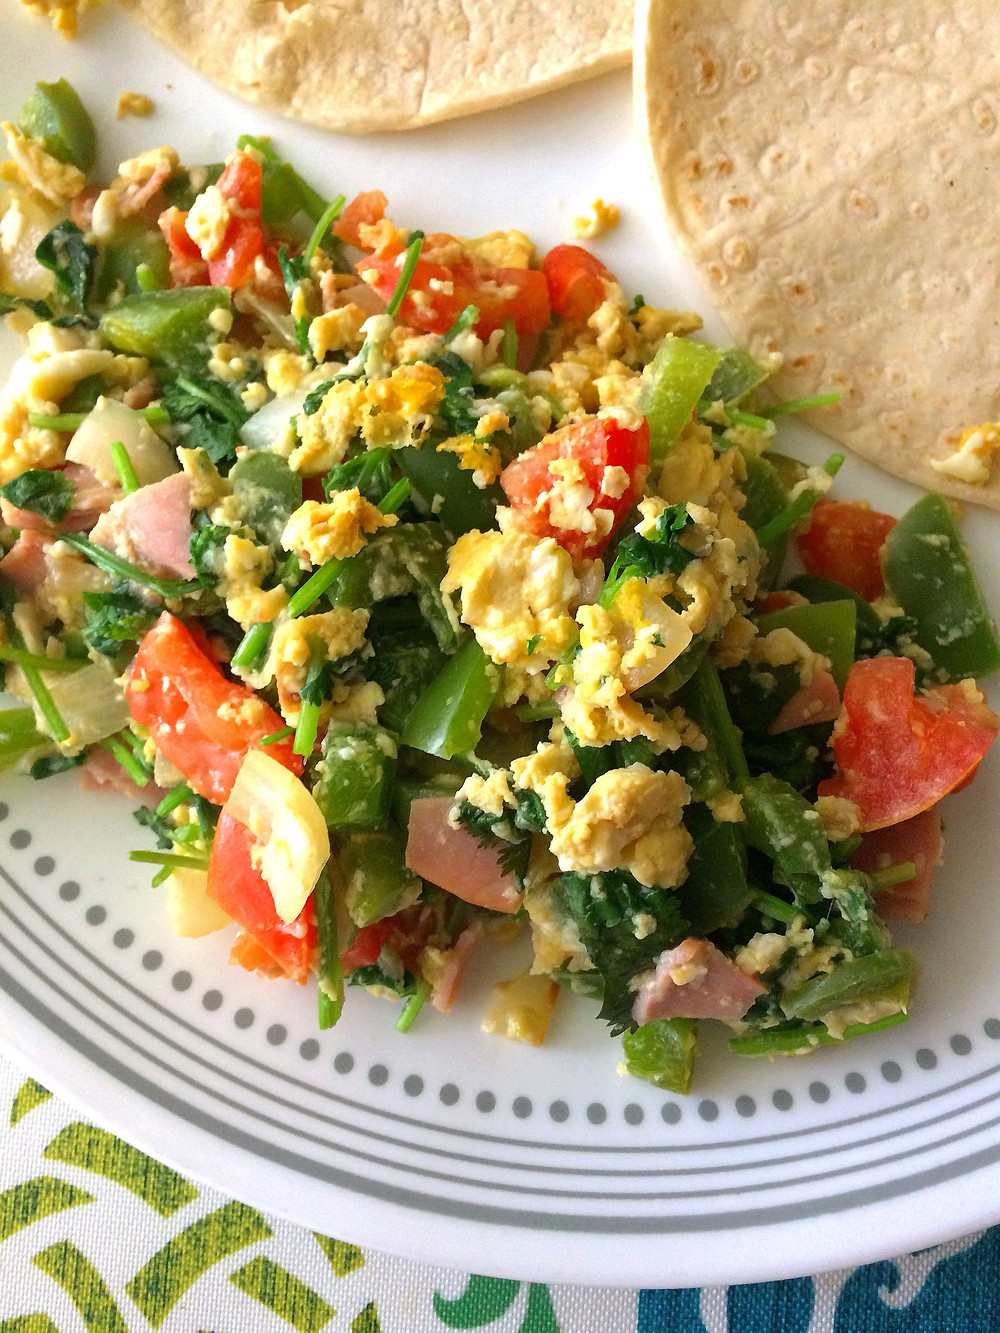 Huevo con jamón, chile morrón verde y pico de gallo